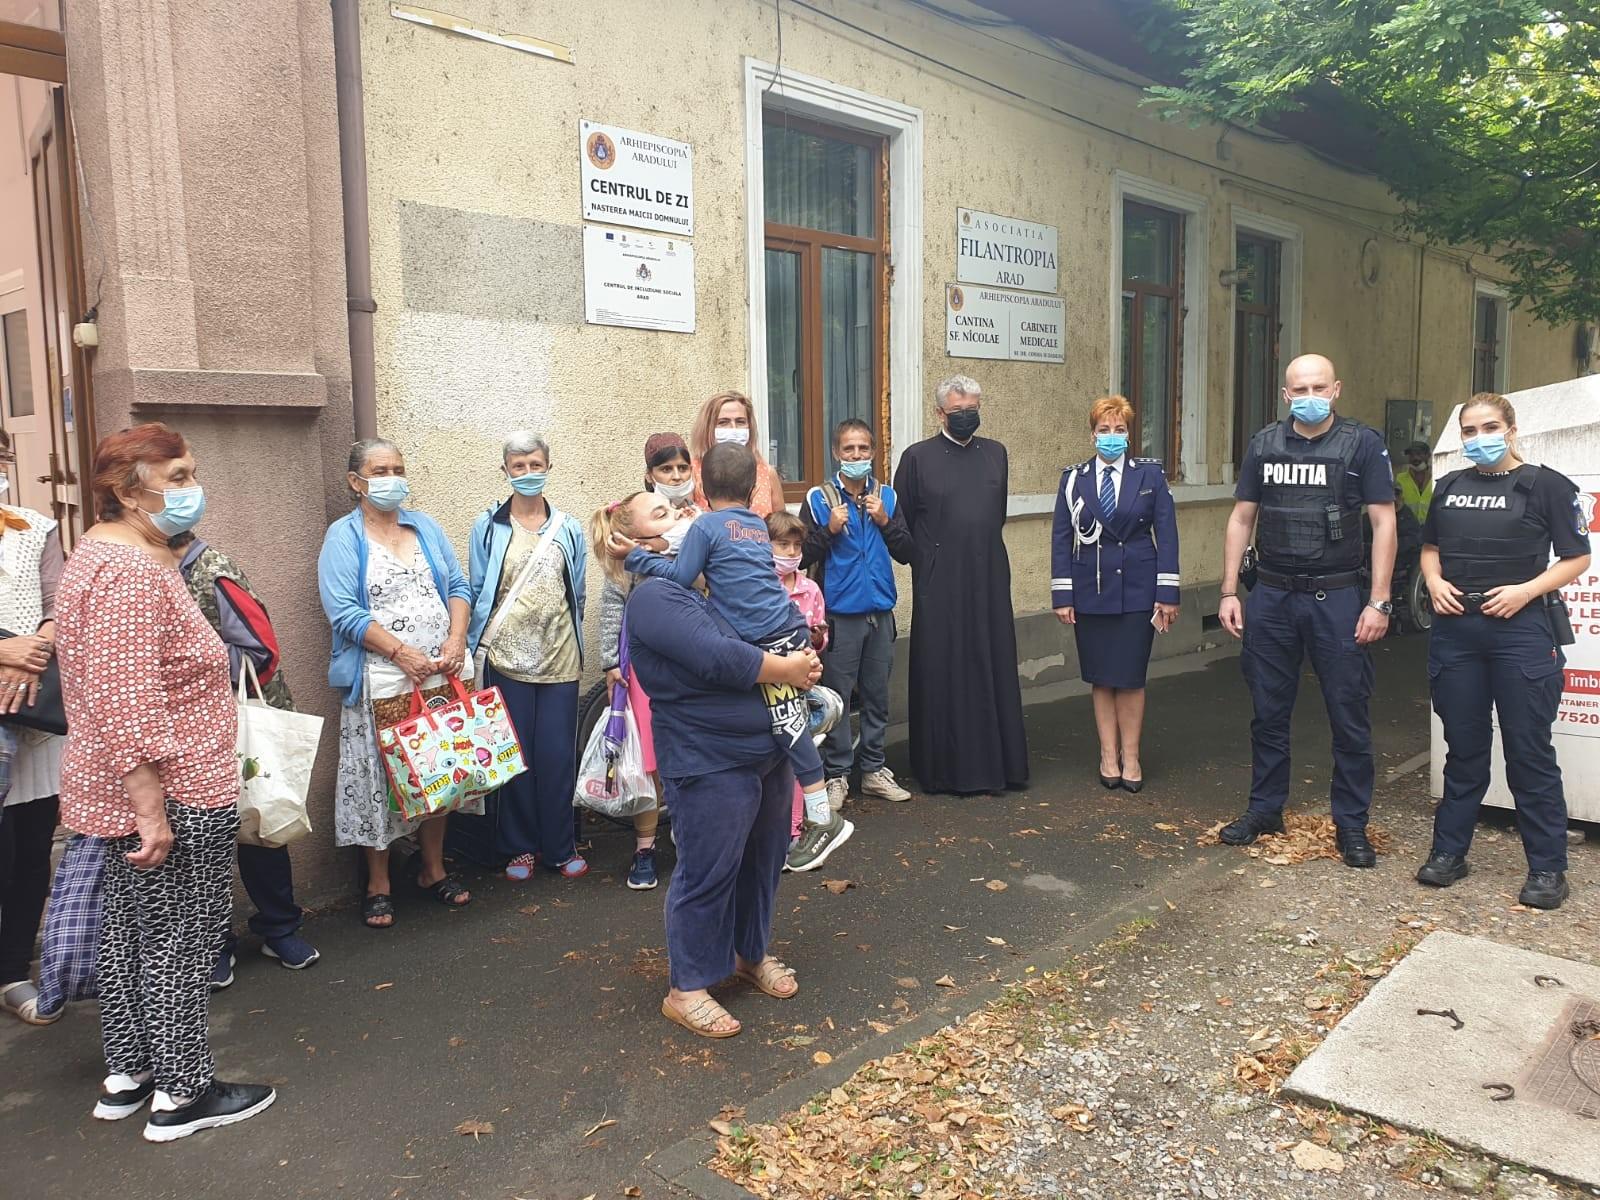 """Polițiștii arădeni au donat sânge, iar din bonurile primite au cumpărat alimente pentru Cantina socială """"Sf. Nicolae"""""""